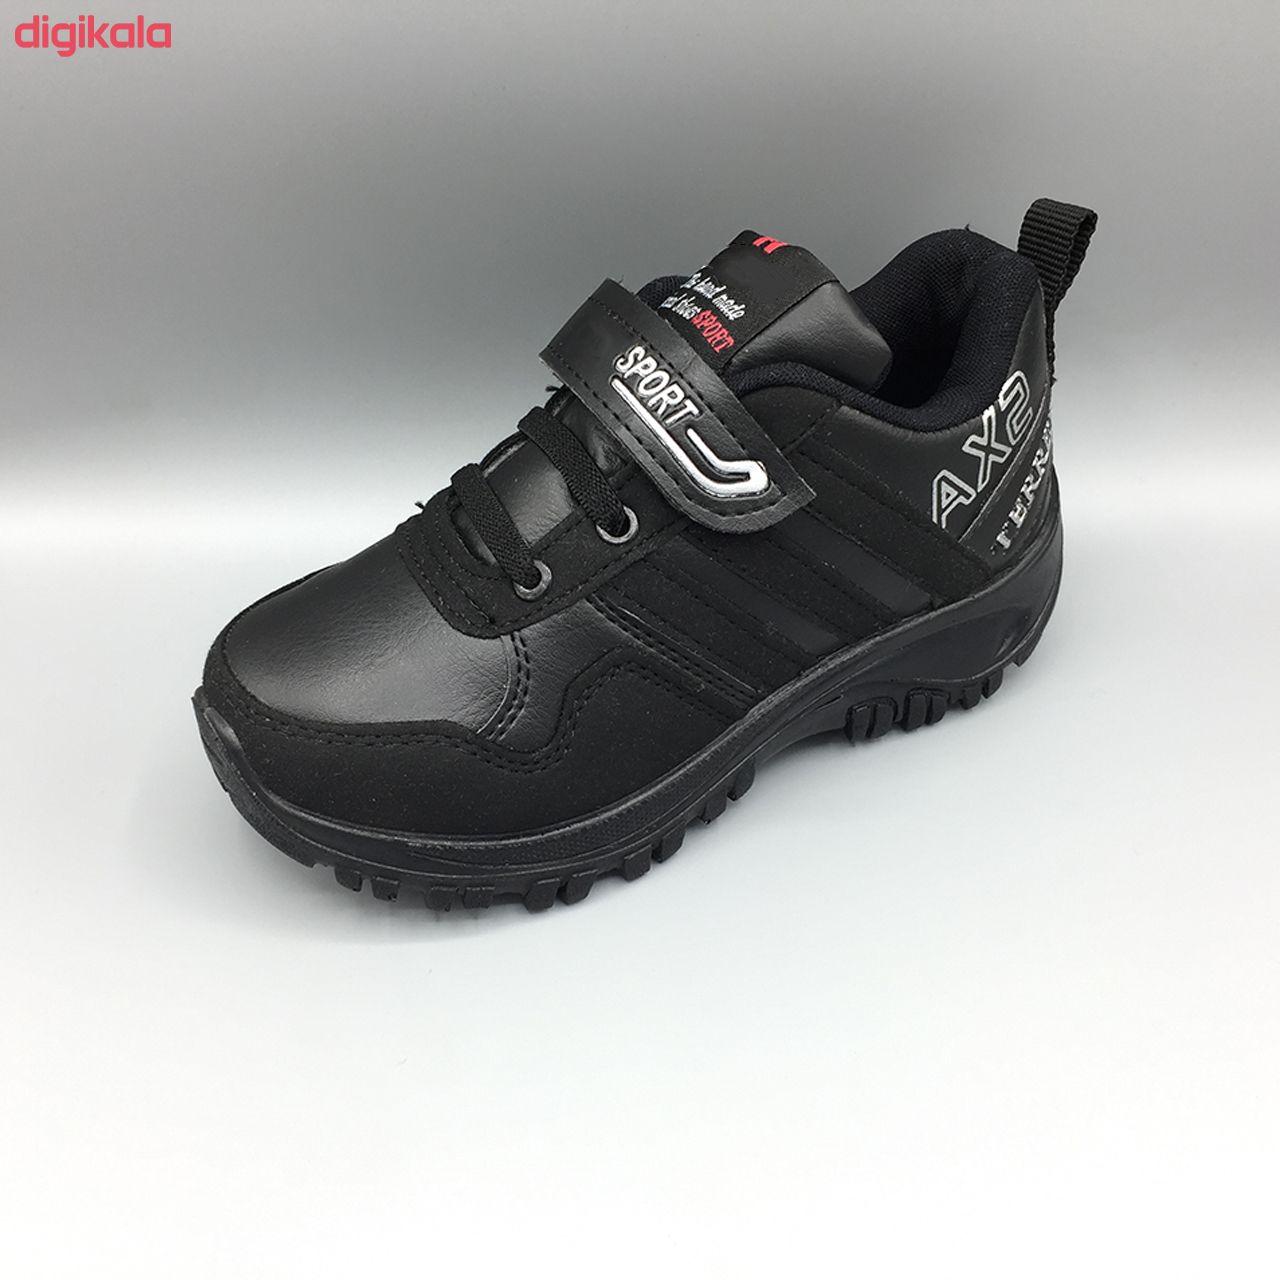 کفش مخصوص پیاده روی بچه گانه مدل TERREX-AX2-TME main 1 4